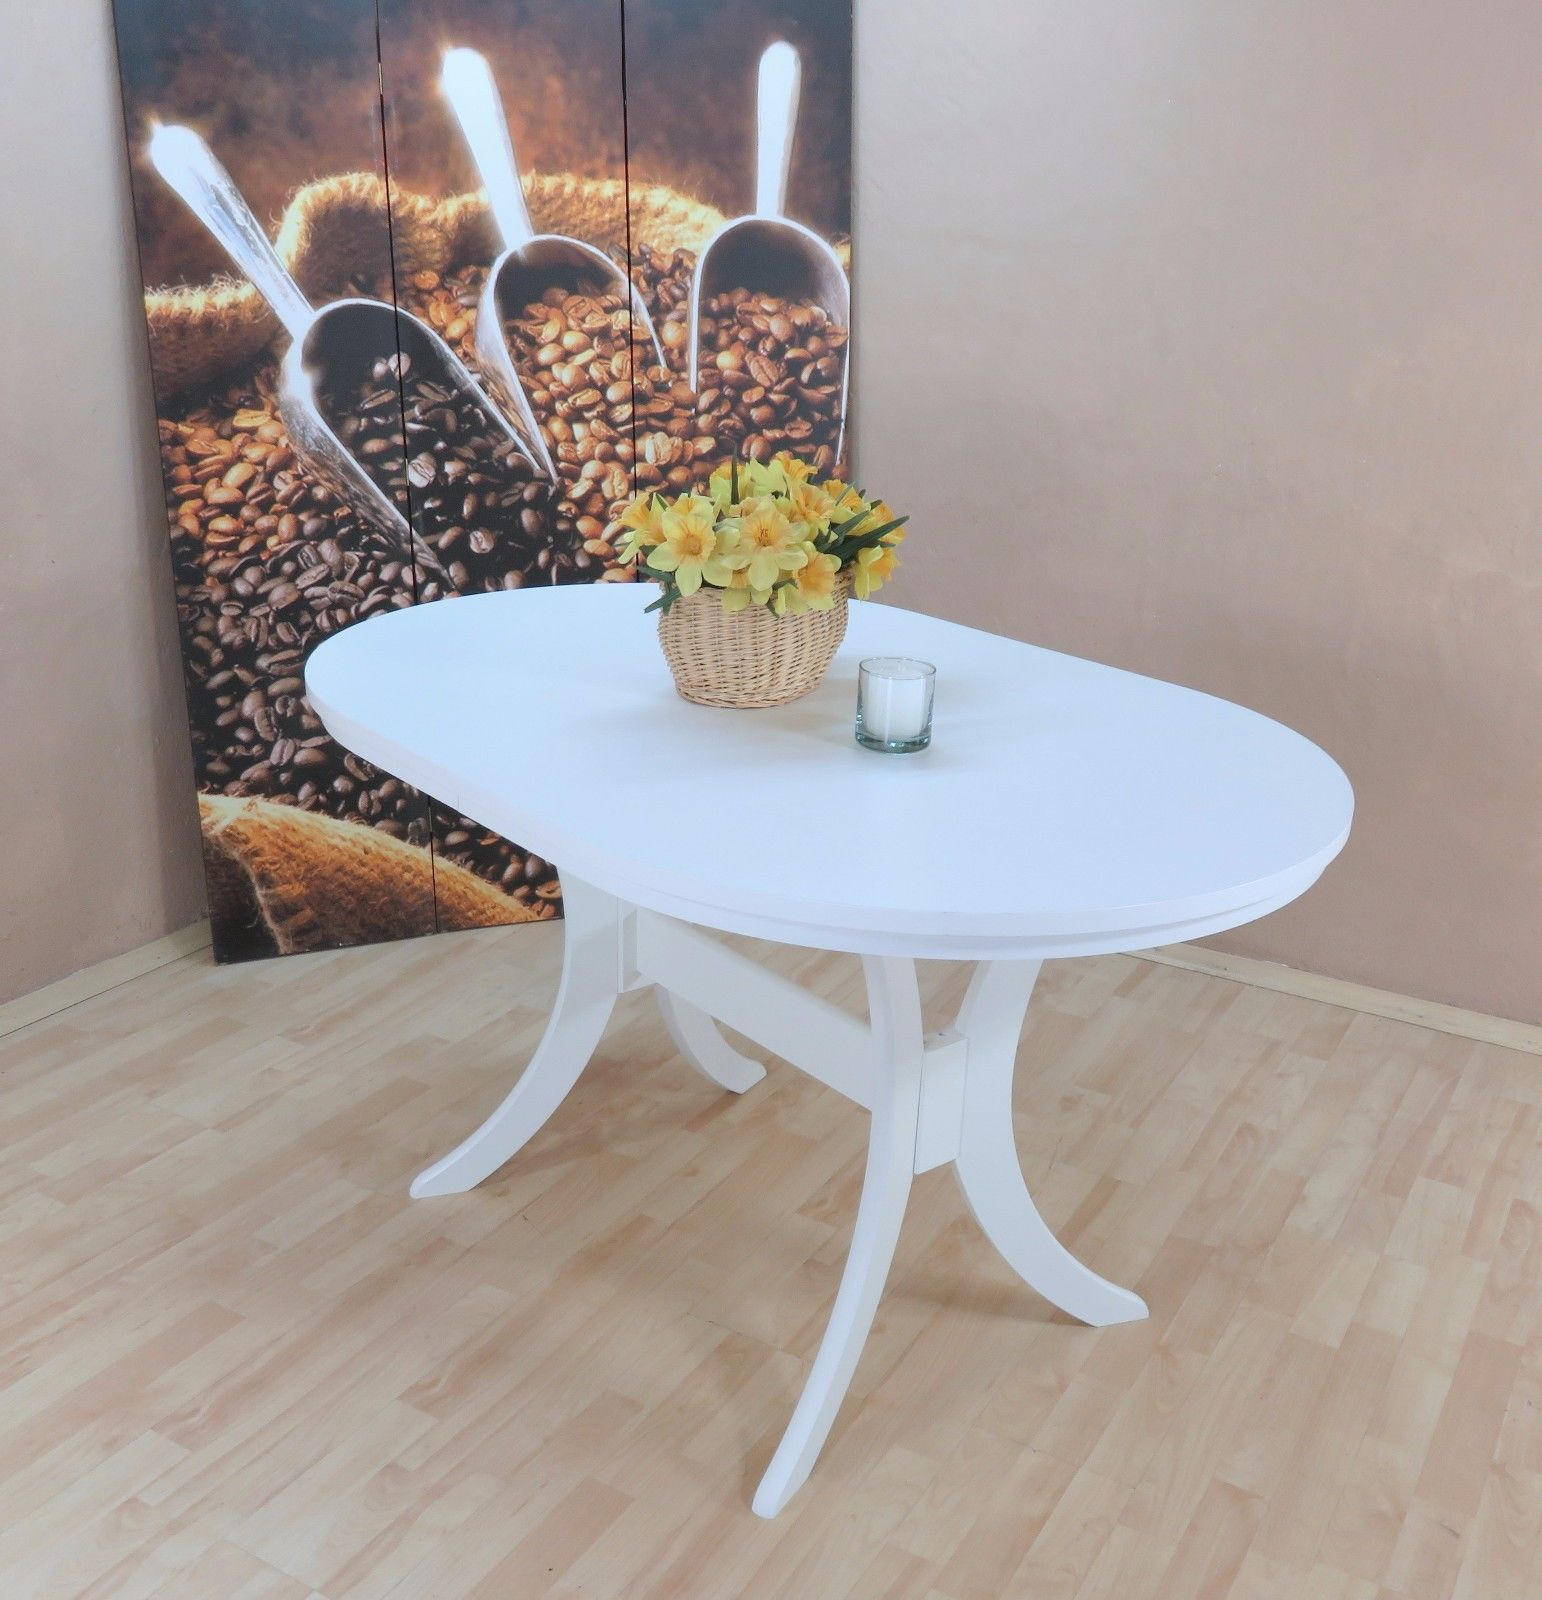 Beste Innovatives Acryl Esstisch Design Colico Design Italien Bilder ...